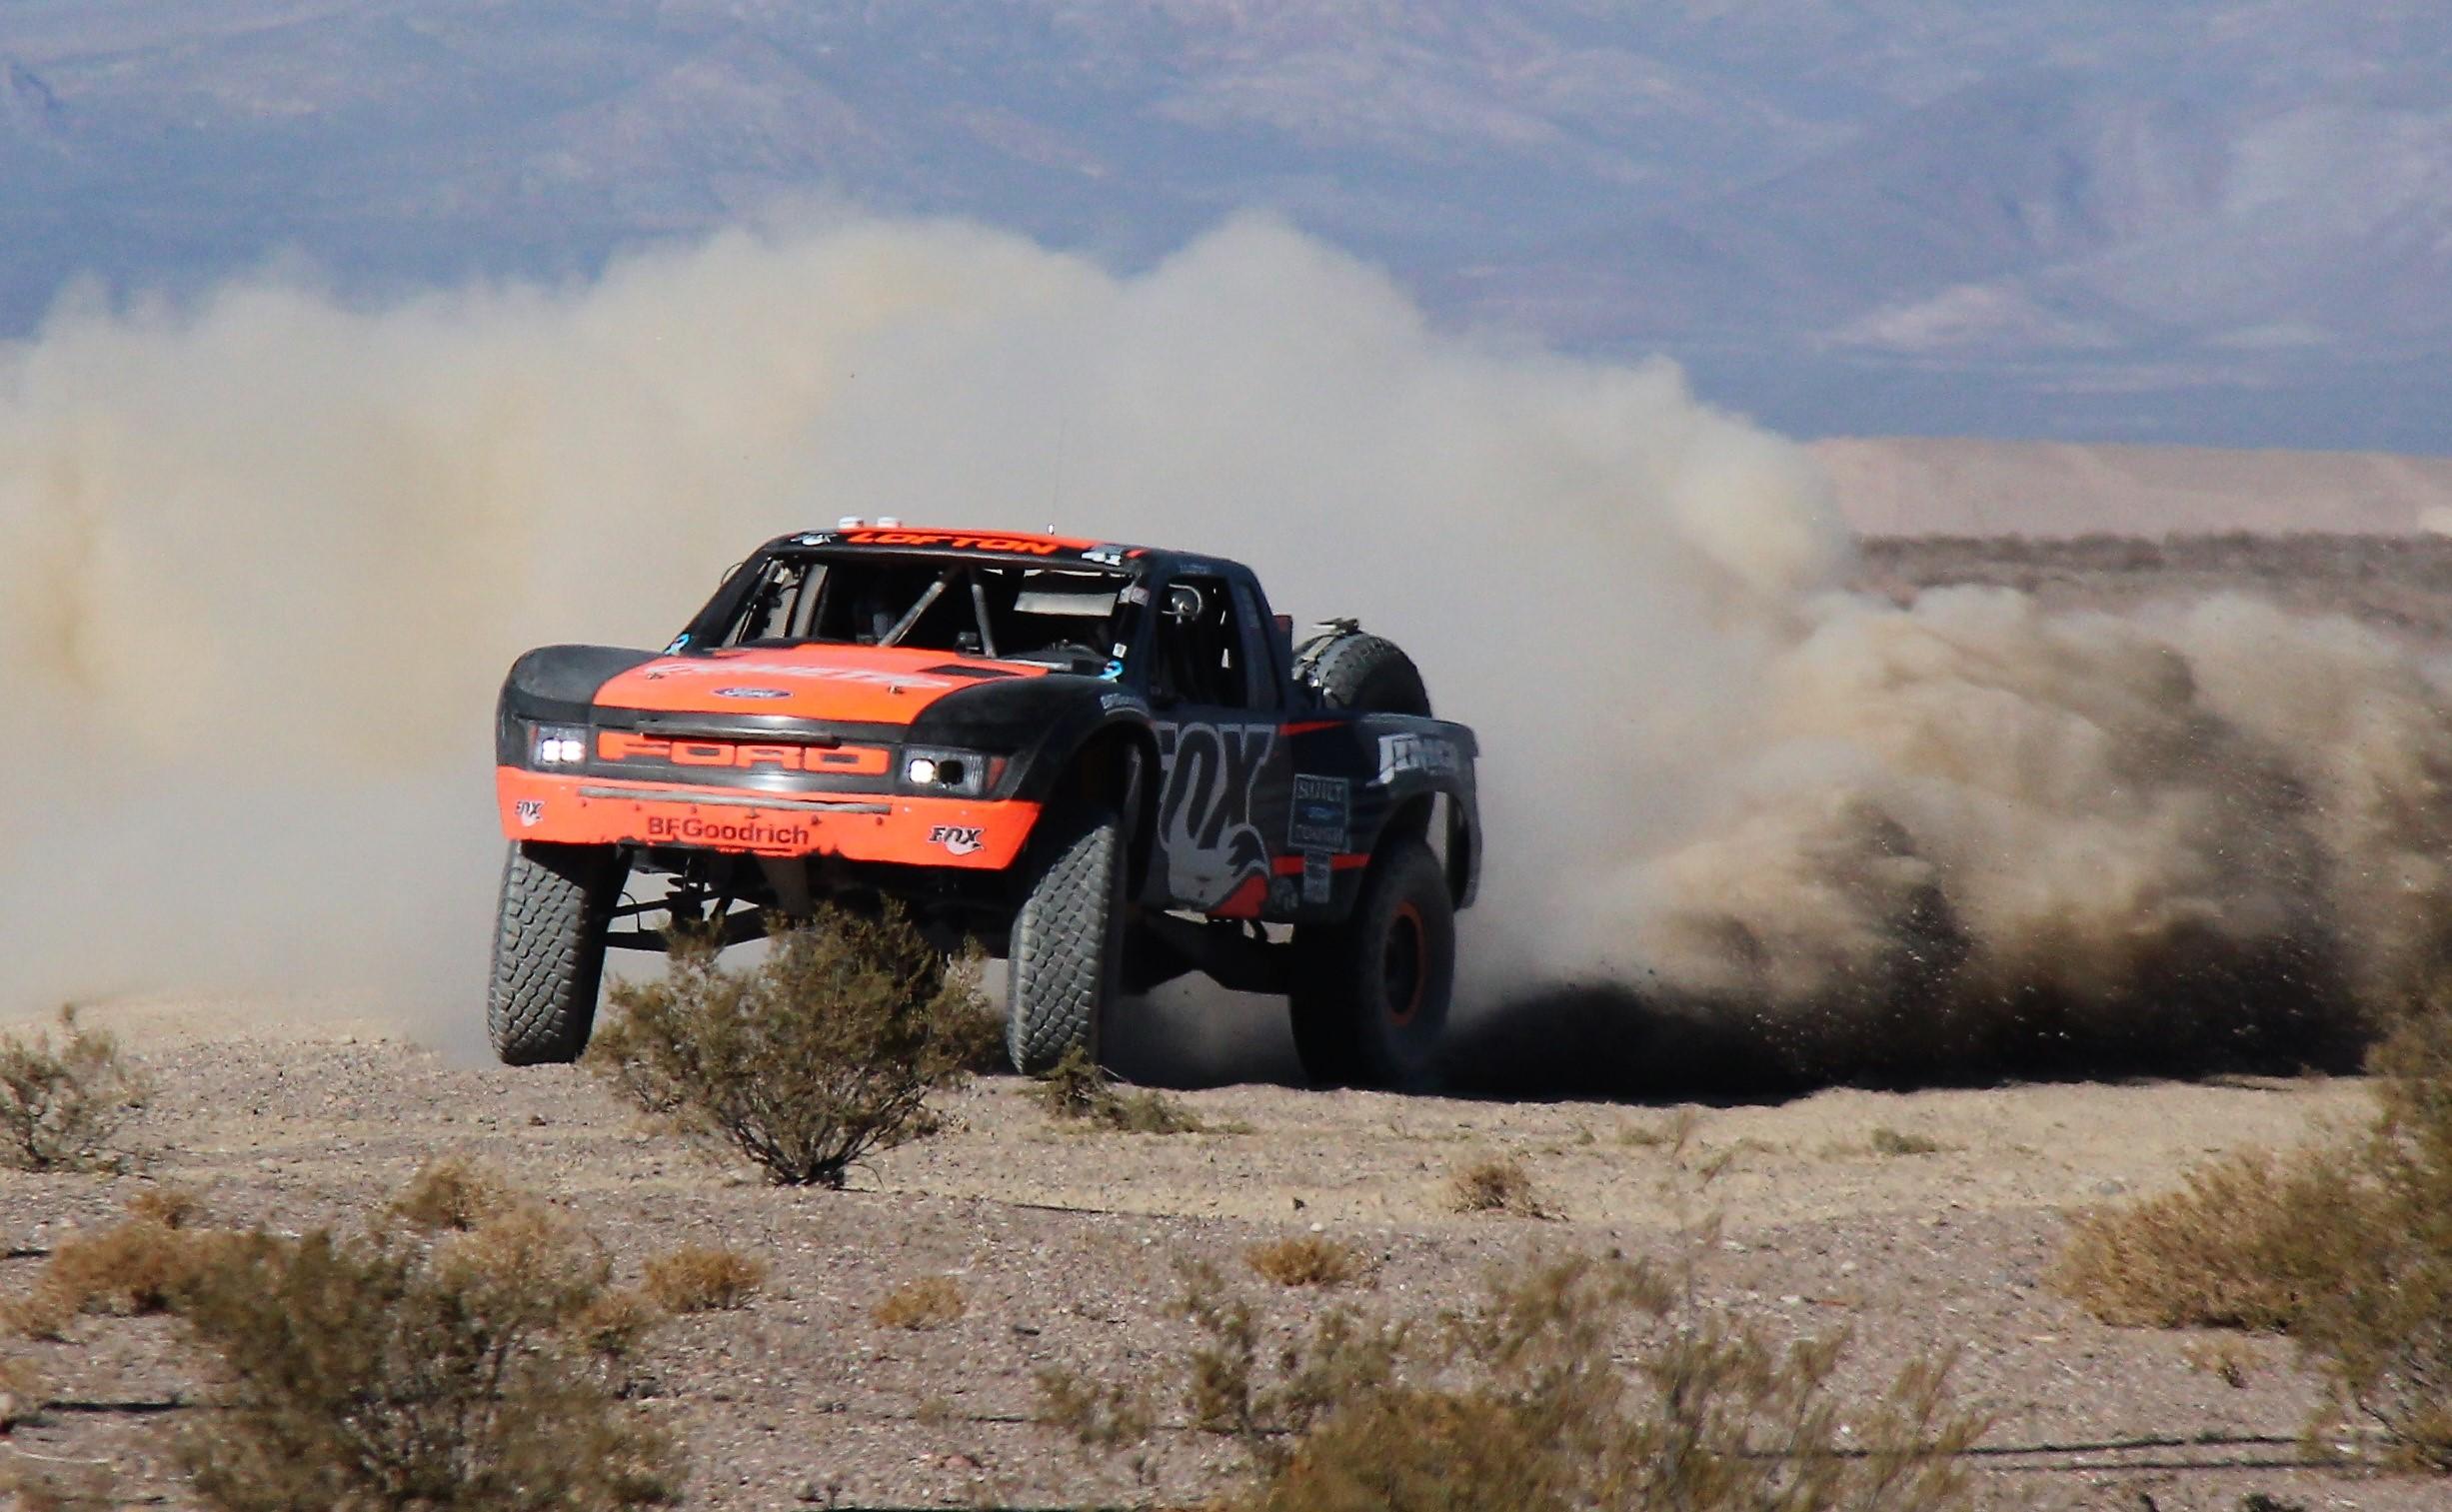 Truck Dust